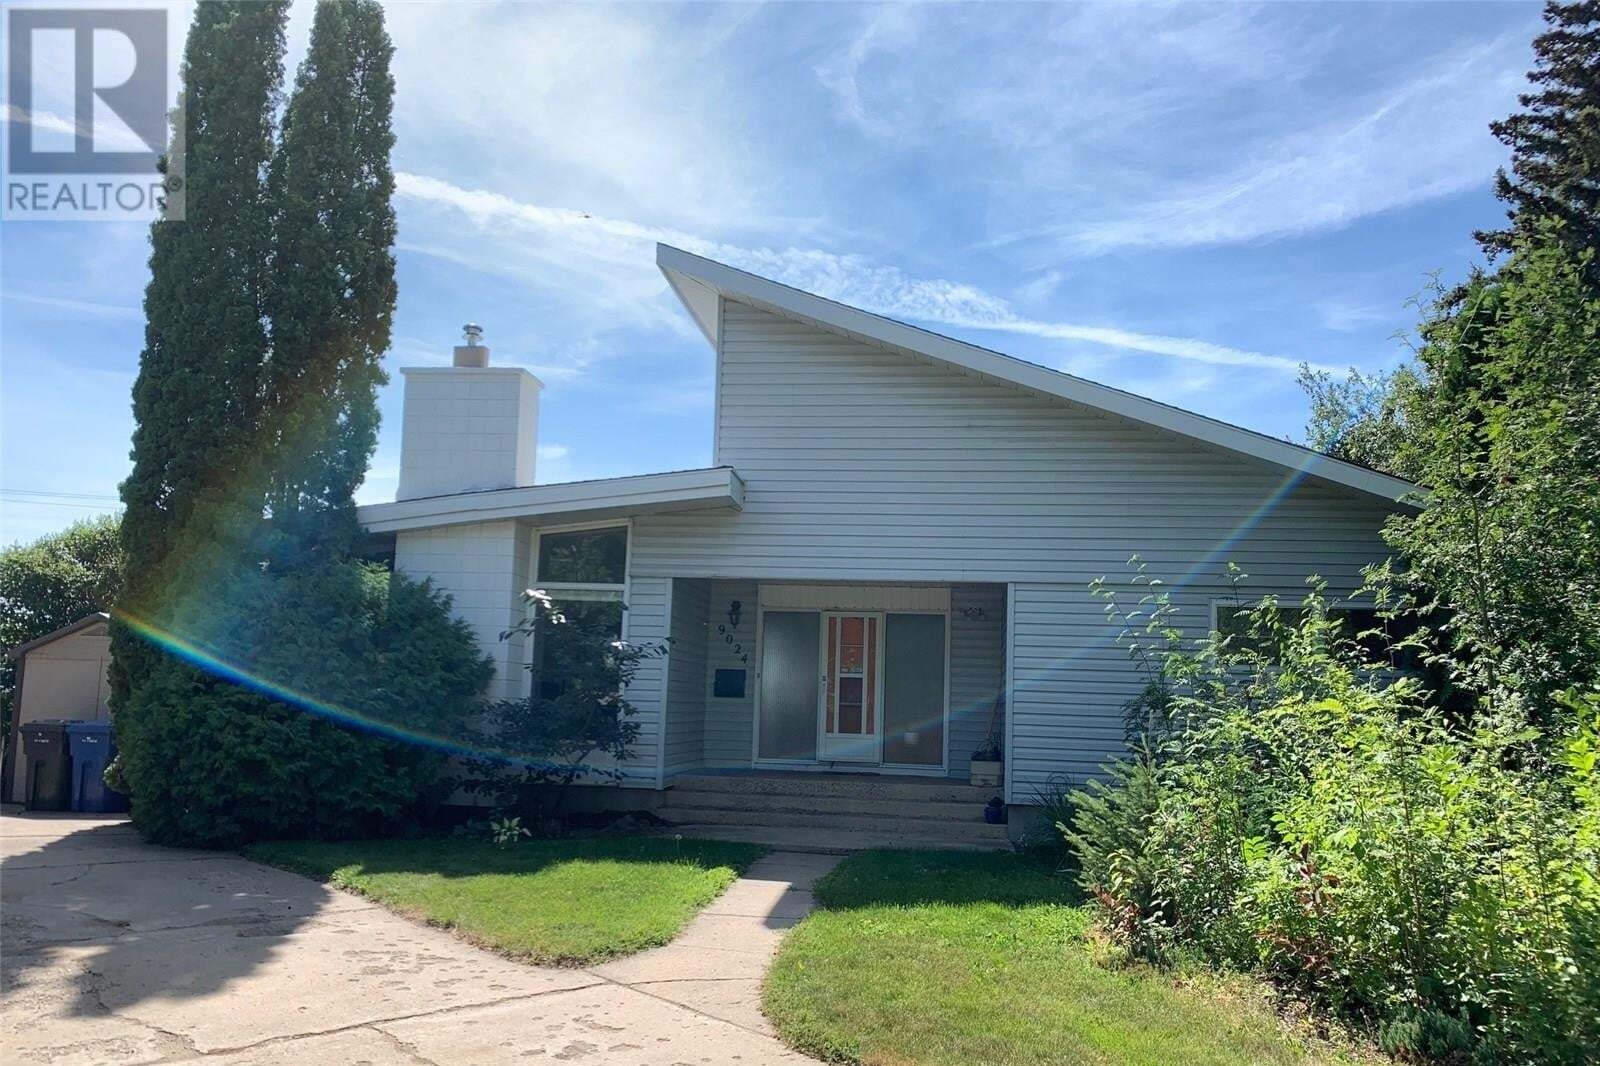 House for sale at 9024 Gregory Dr North Battleford Saskatchewan - MLS: SK821267